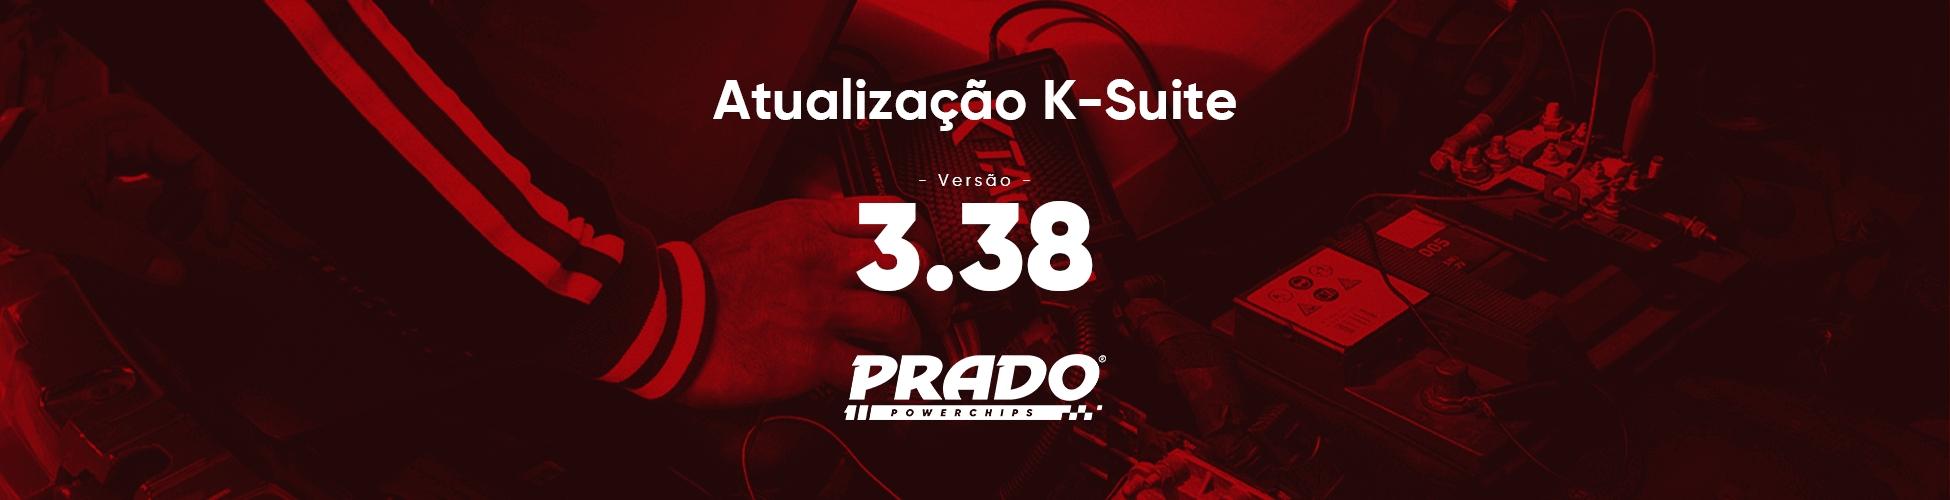 atualizacao-k-suite-3-38